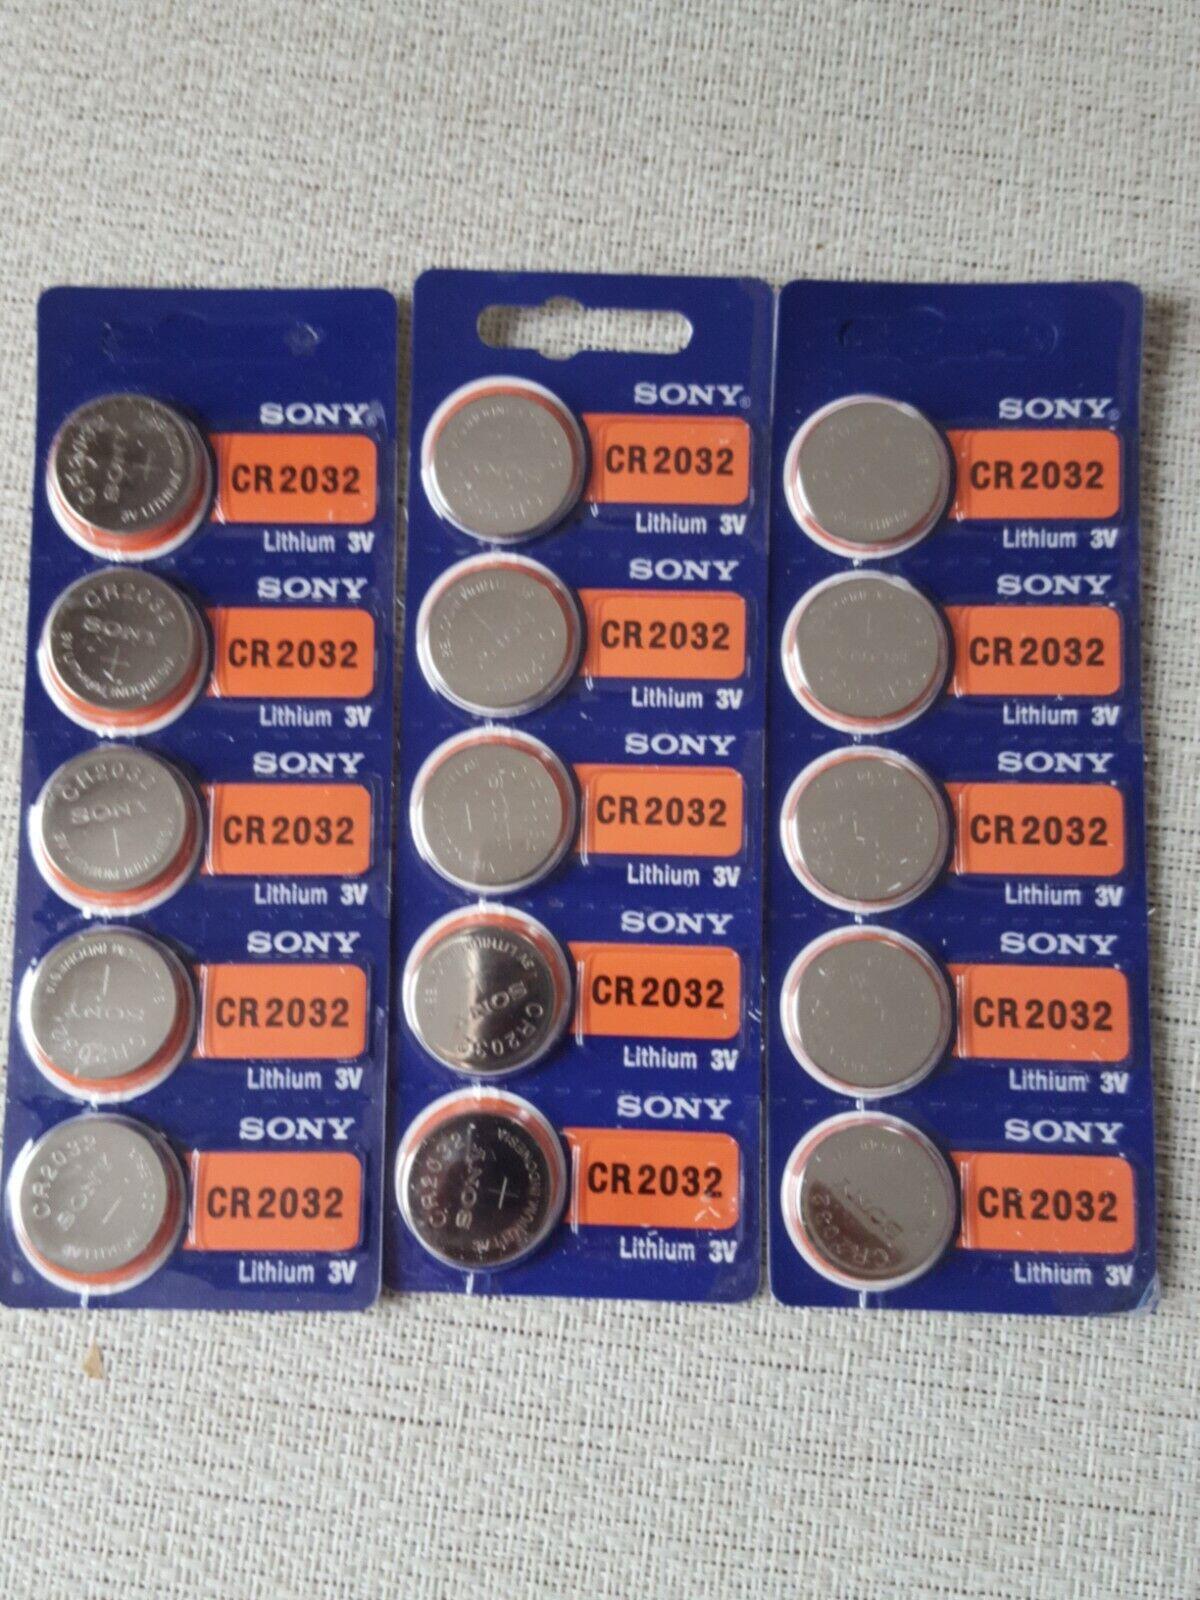 Sony Battery CR2032 Lithium 3V Button Battery Cr 2032 (3er Pack 15stk) NEW